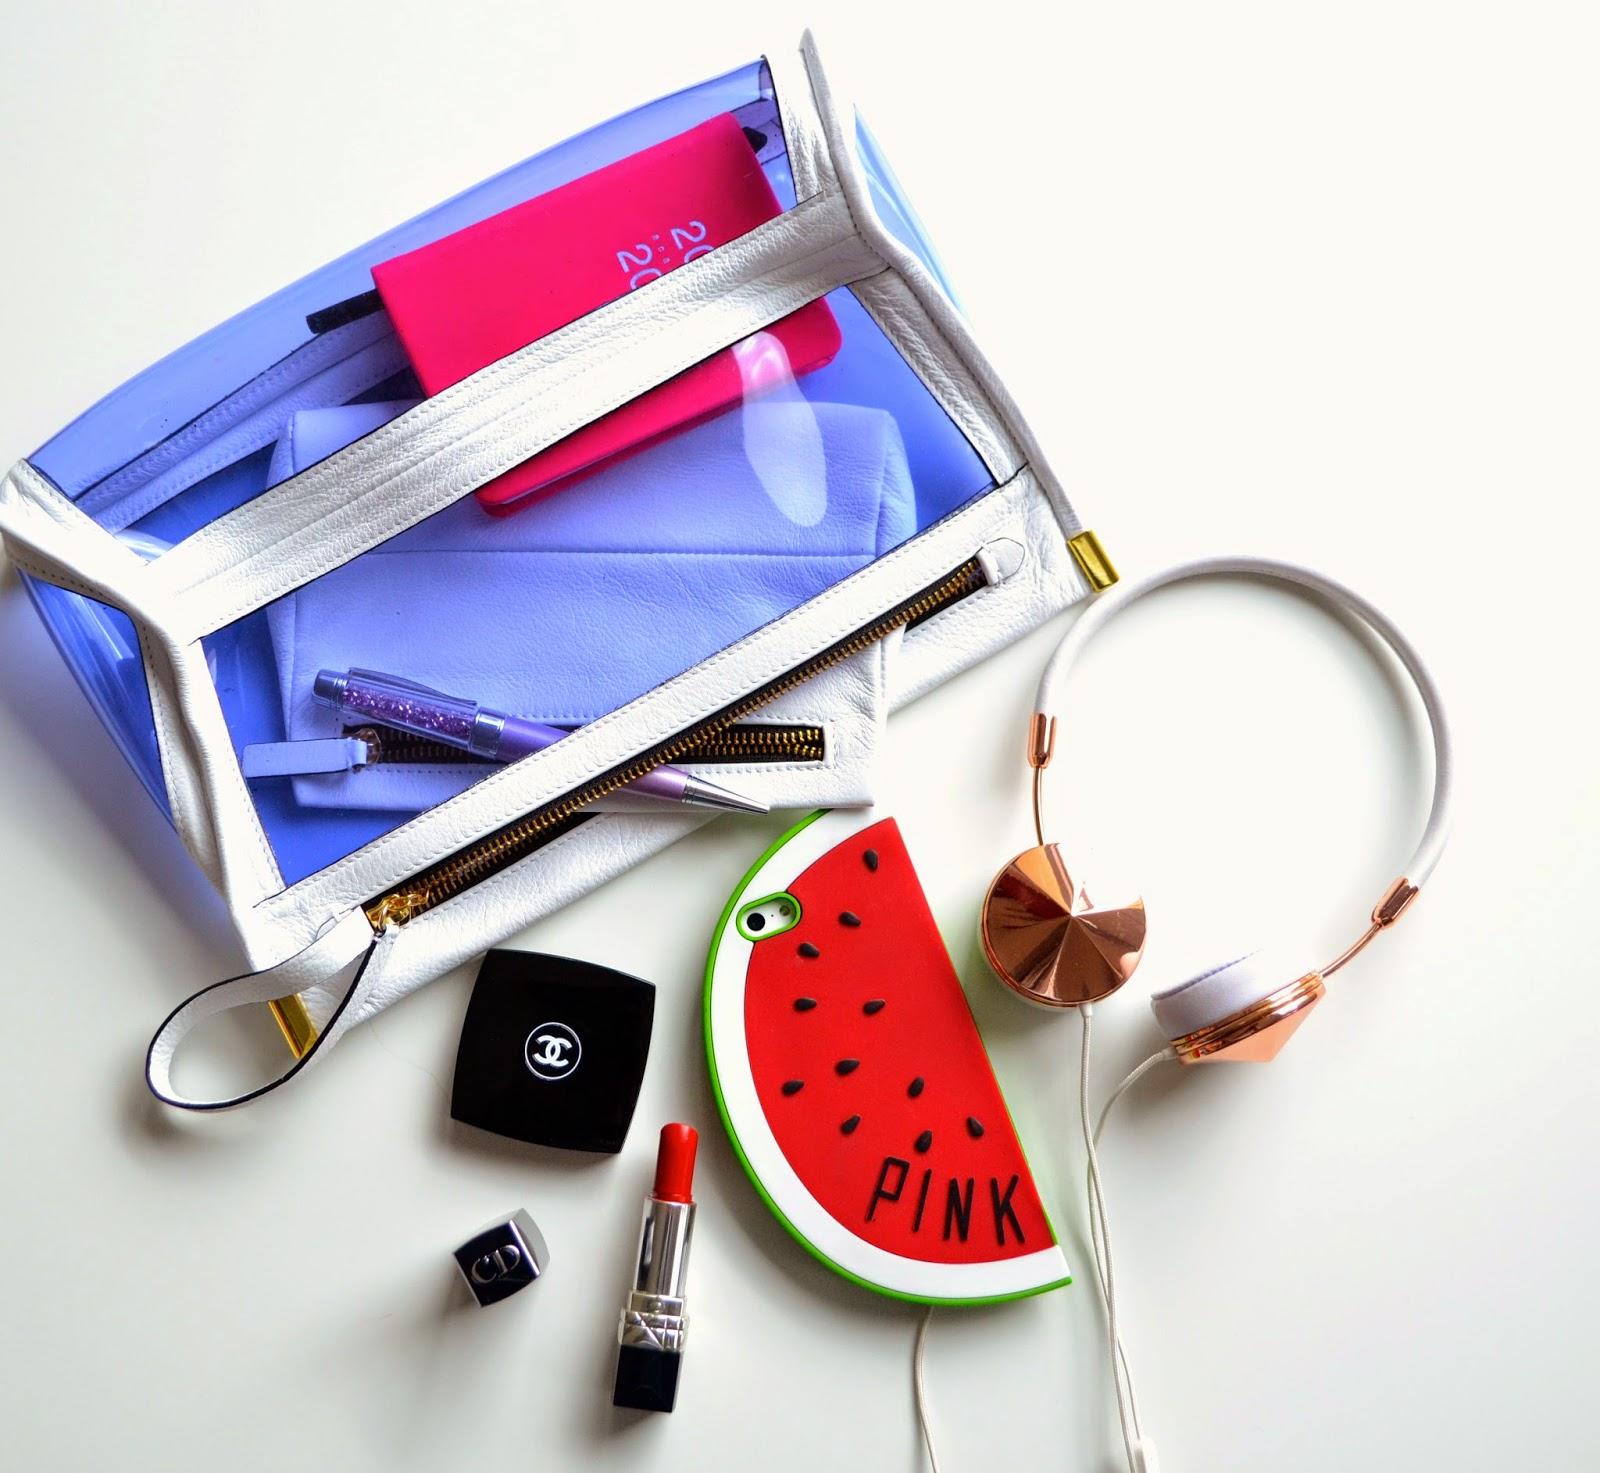 Womens bag essentials